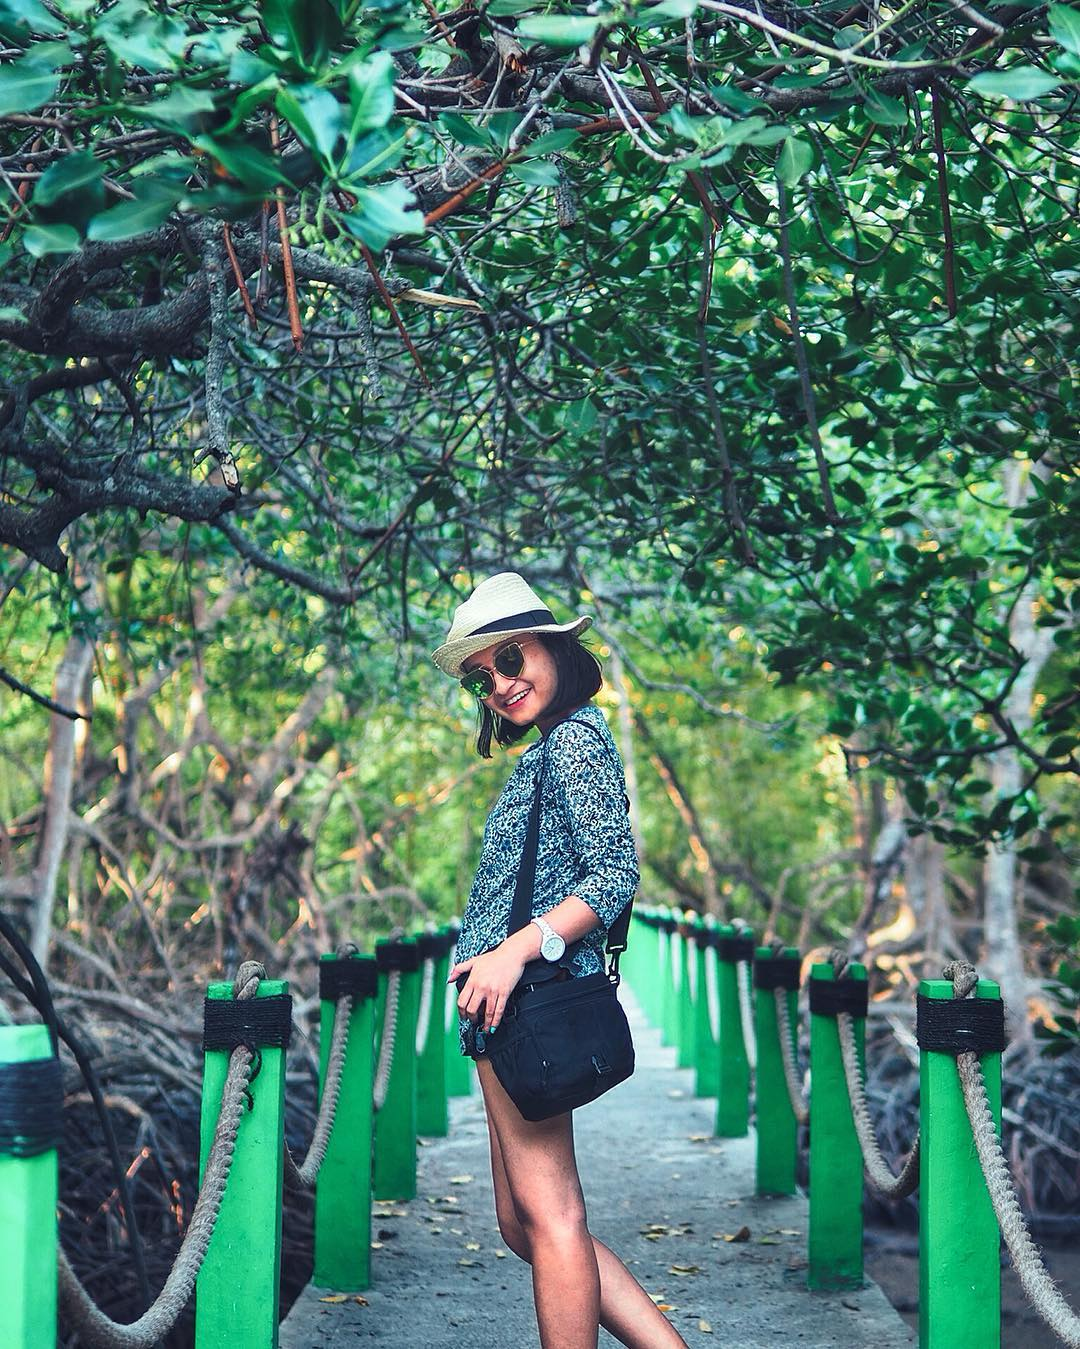 wisata Banyuwangi - Mangrove Bedul Ecotourism (rahmimimi)